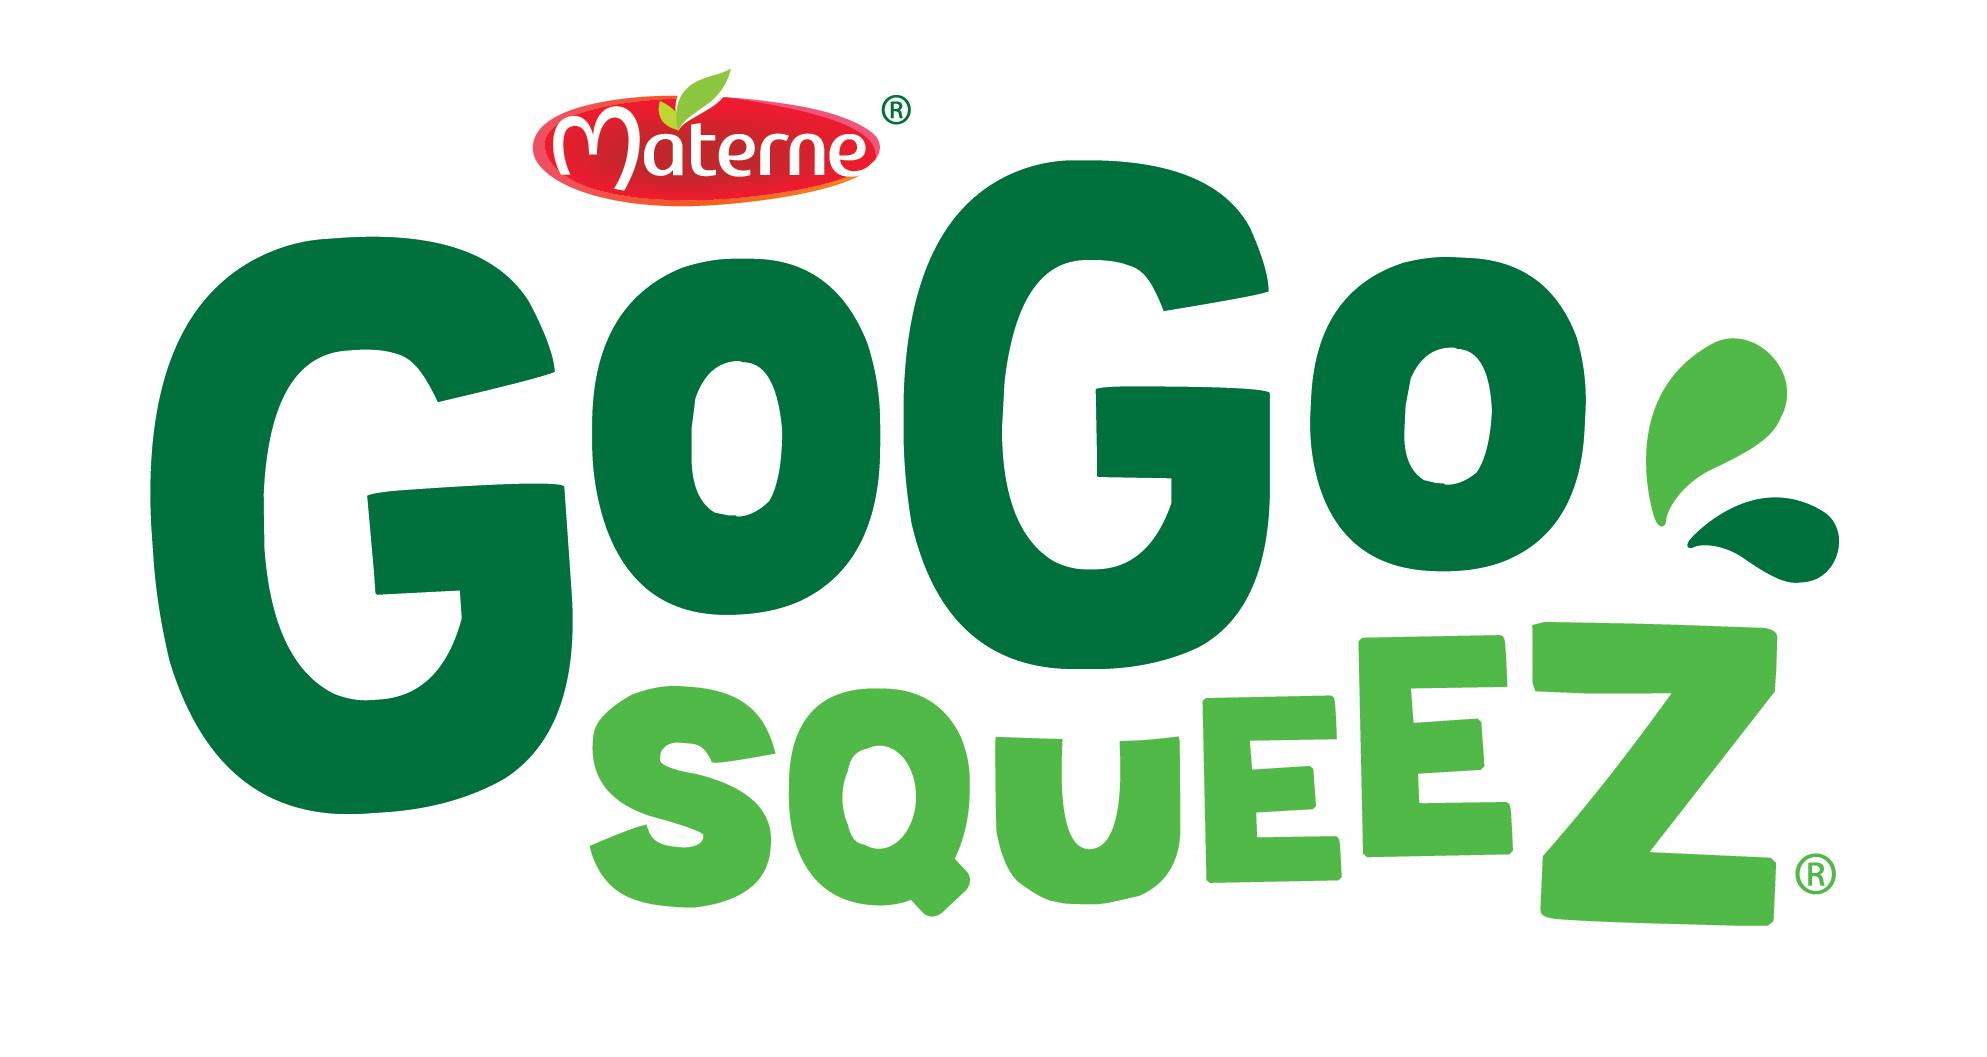 GoGo squeeZ Image